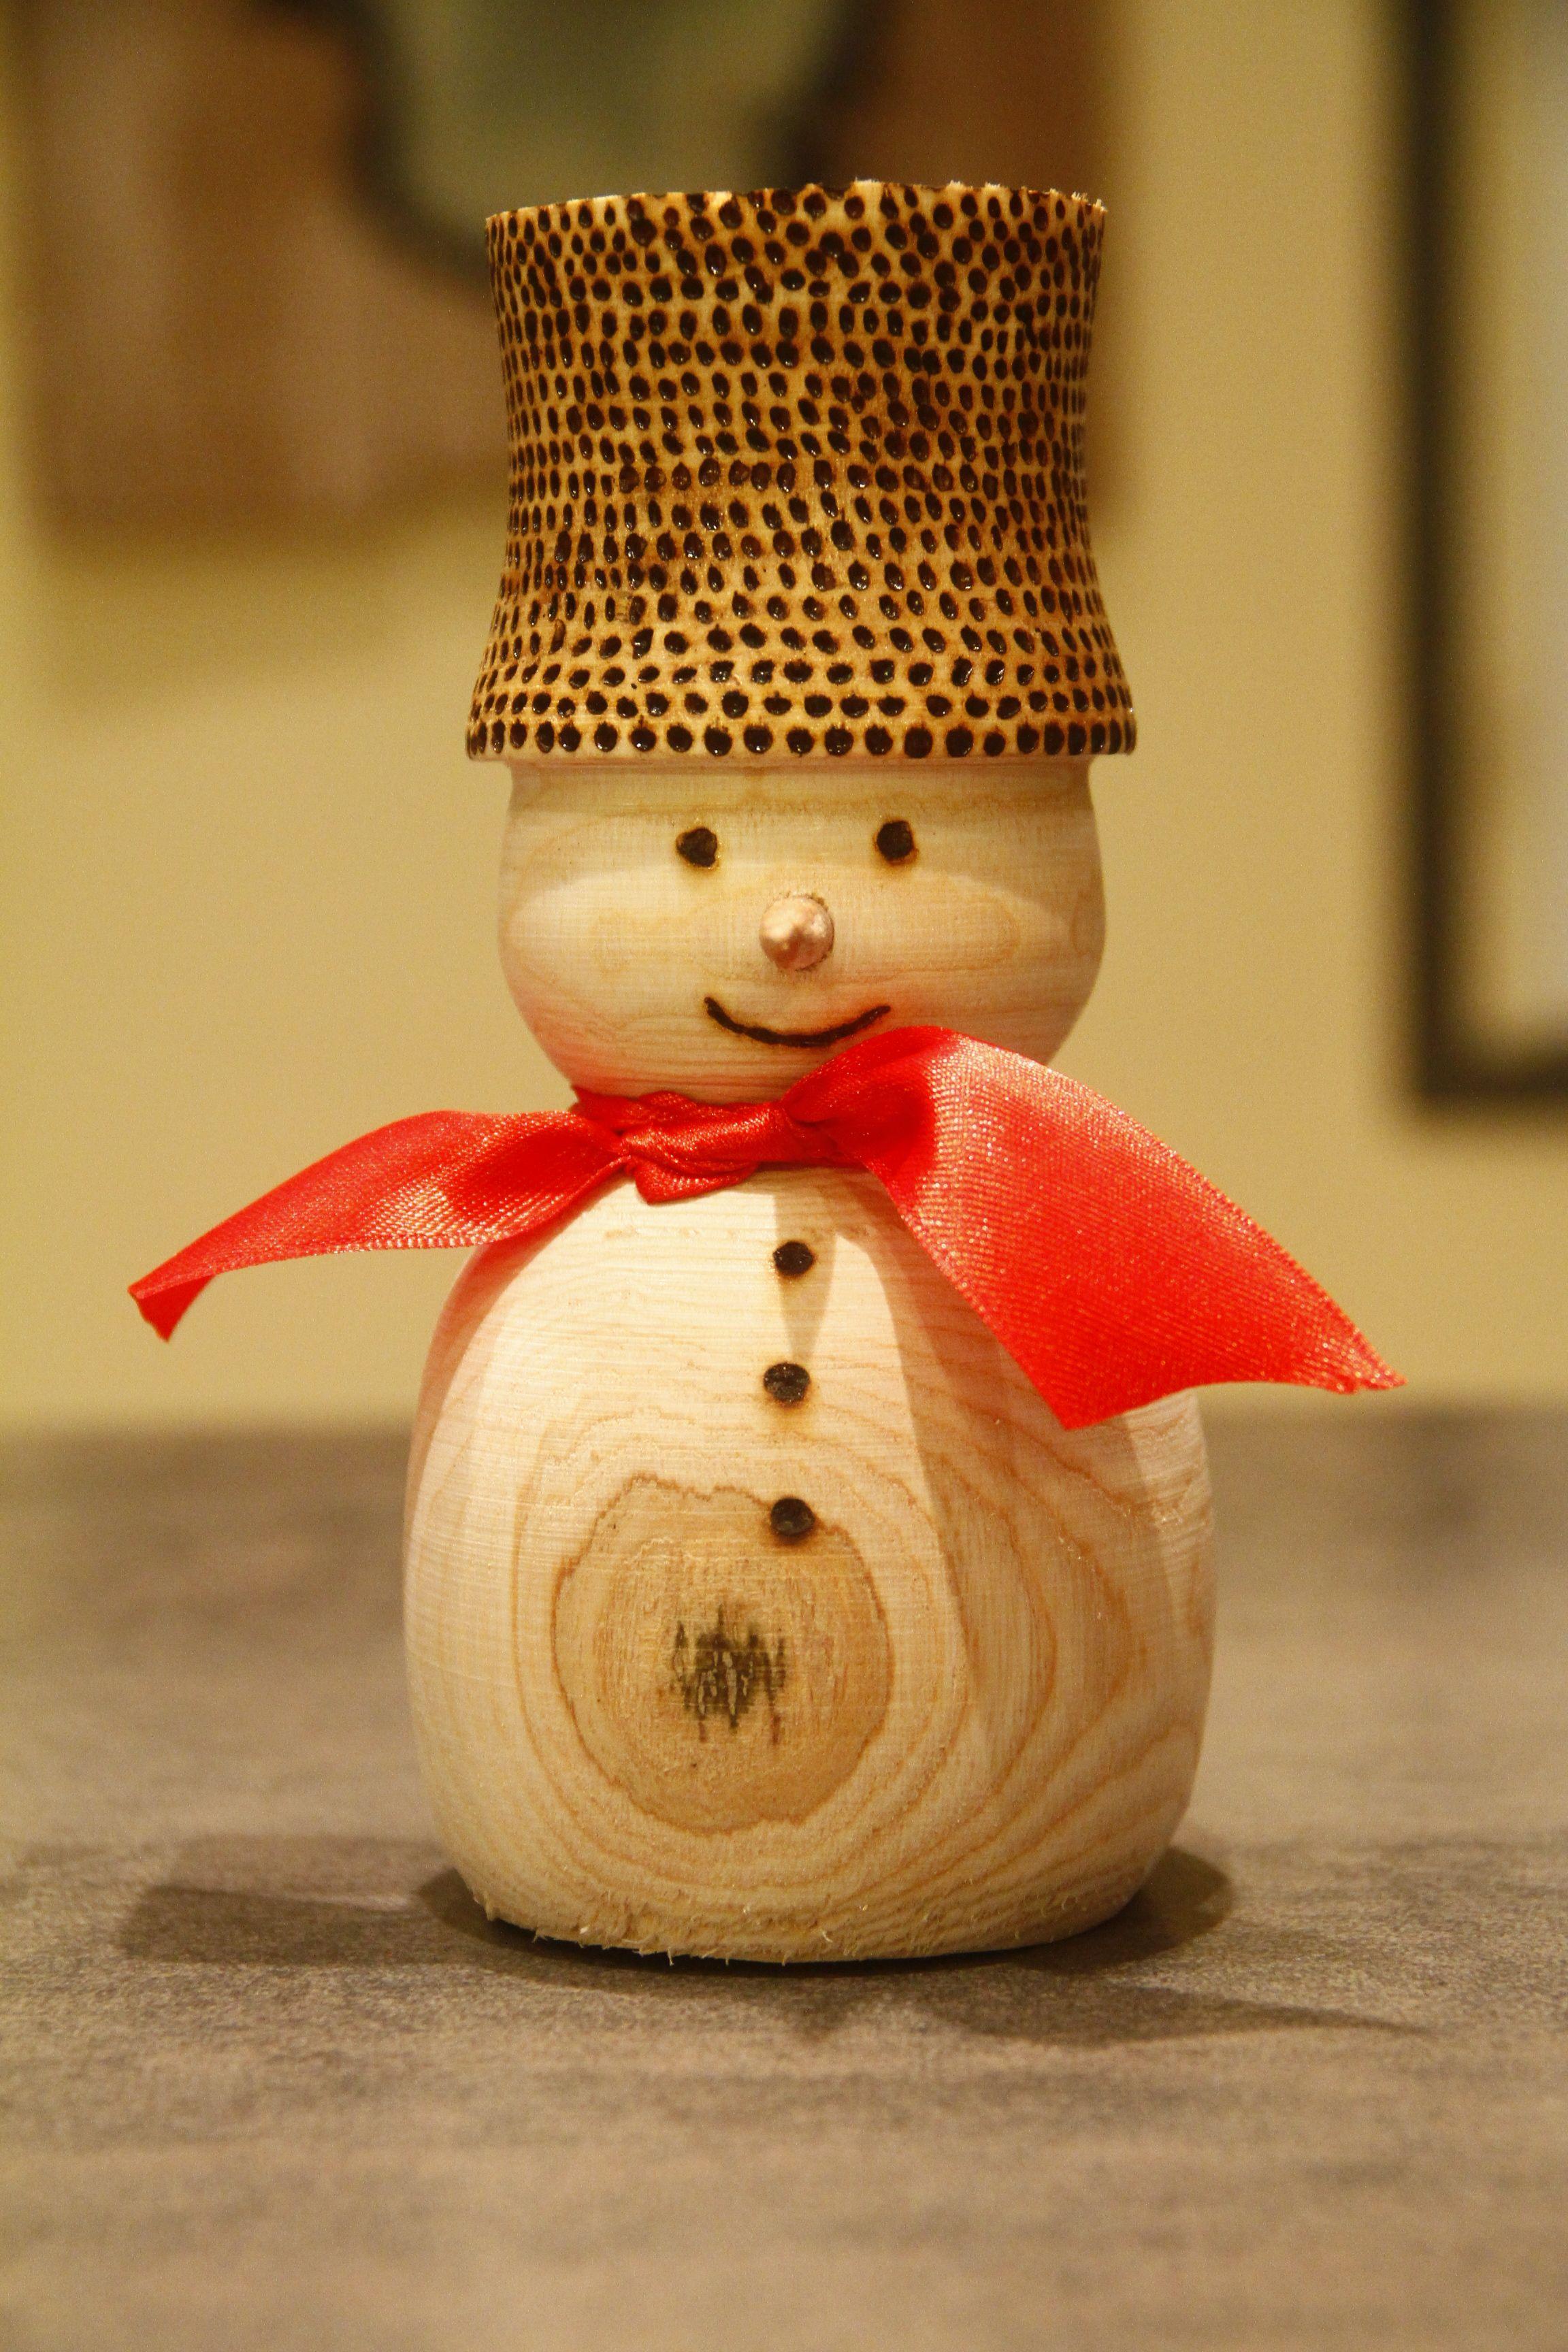 Bonhomme de neige en bois tourn bois tourn pinterest bonhommes de neige en bois bois - Bonhomme de neige en bois ...